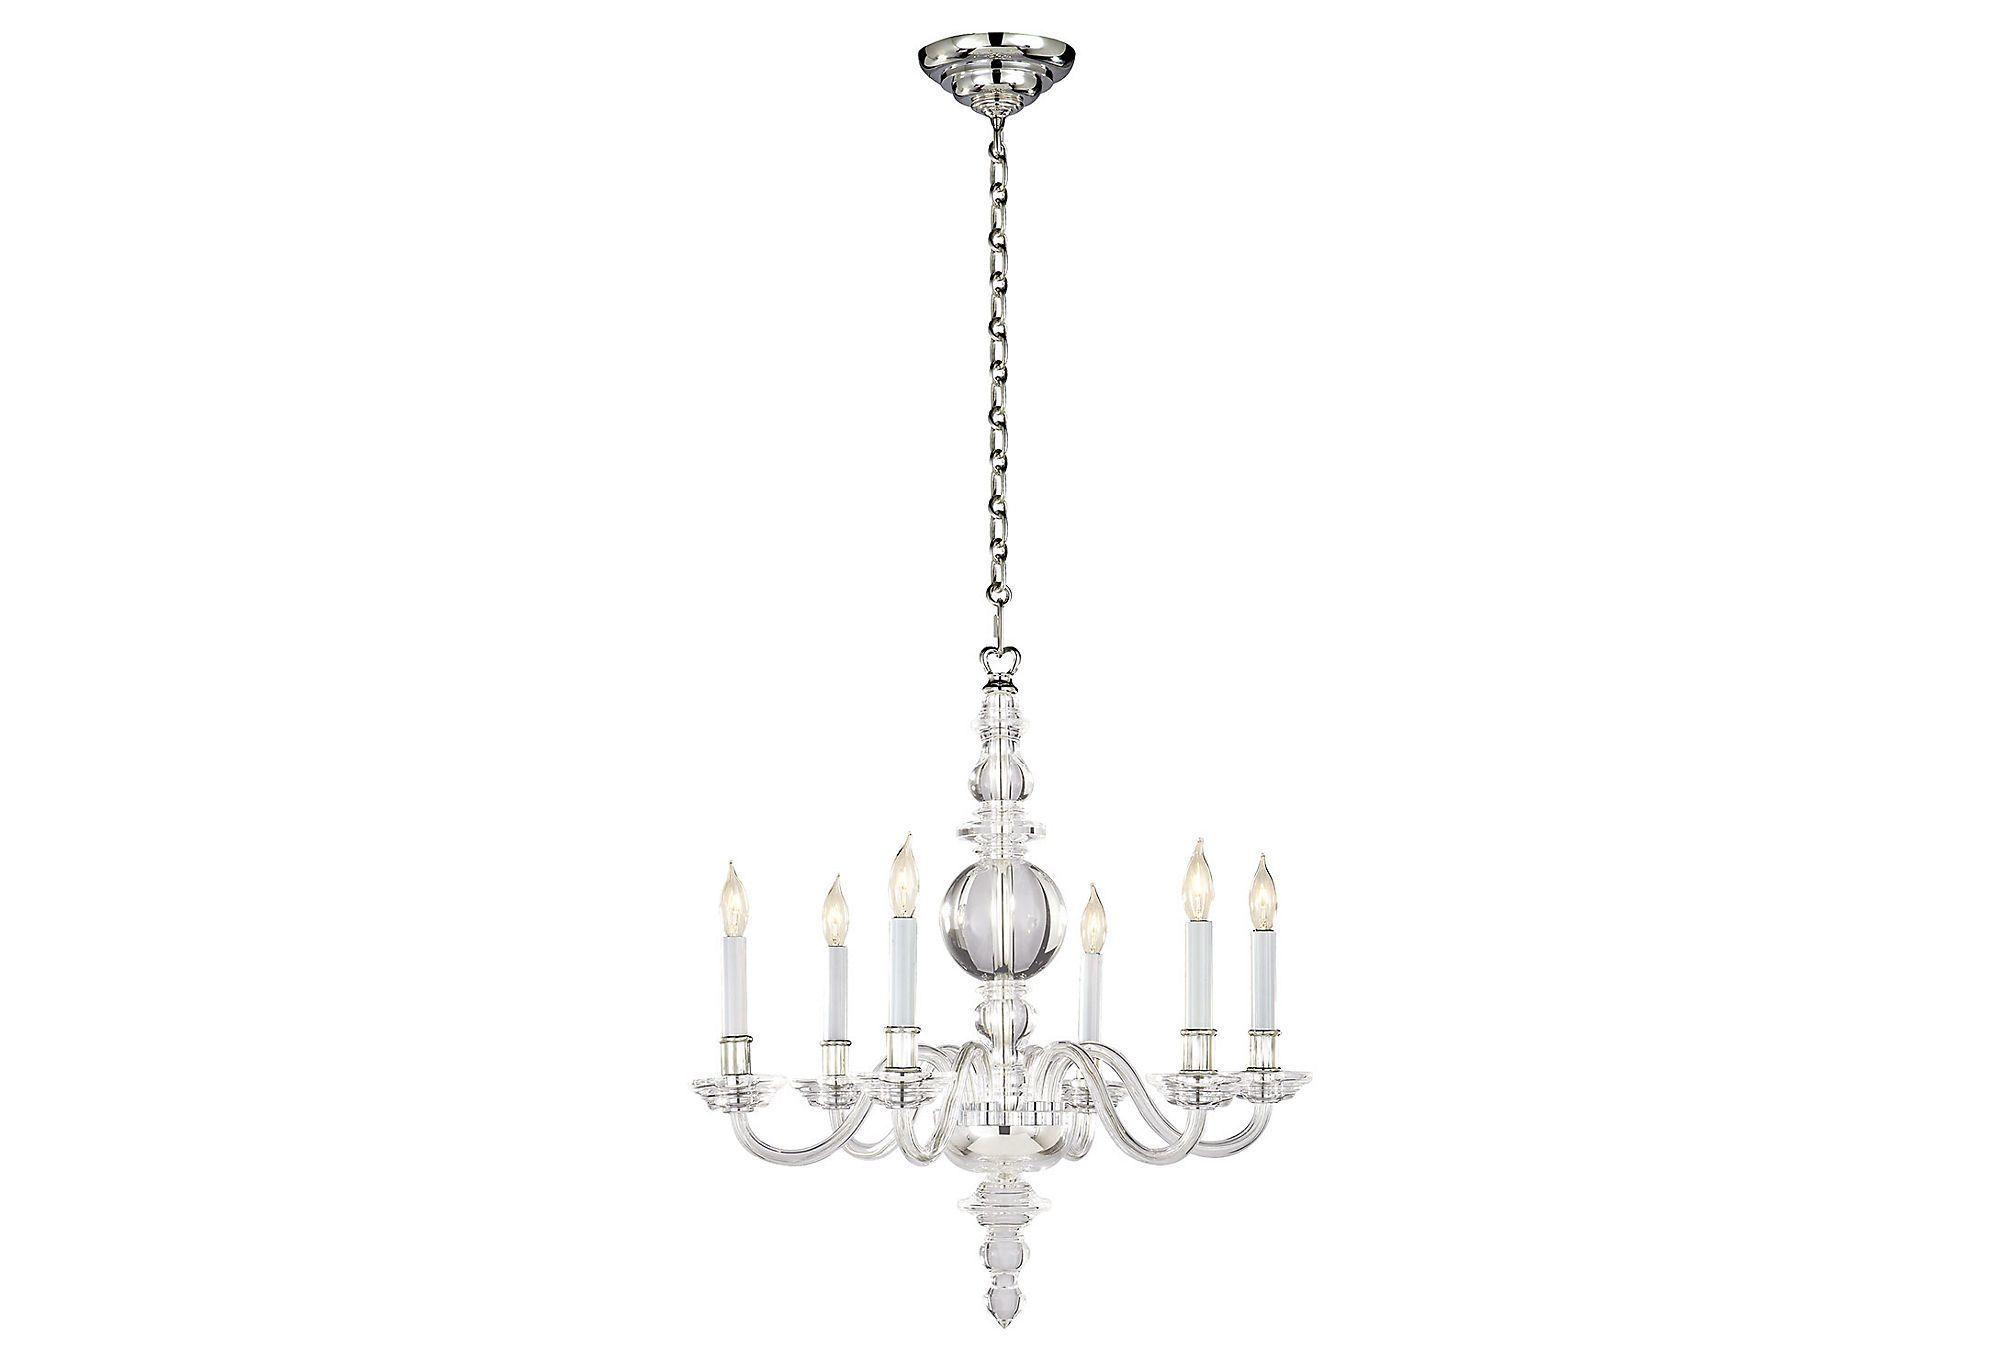 George ii chandelier polished nickel one kings lane home decor george ii chandelier polished nickel one kings lane arubaitofo Images